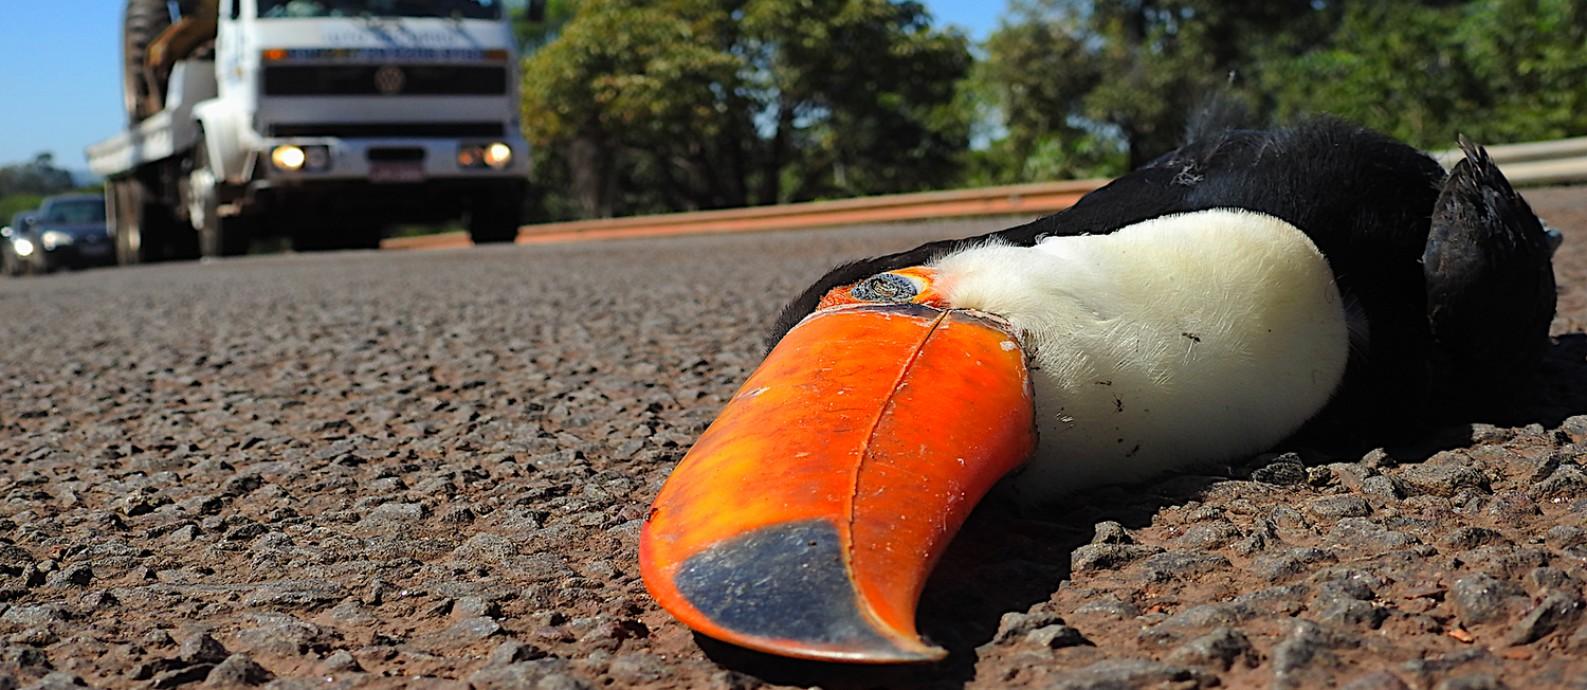 Tucano atropelado na BR-262, no Mato Grosso do Sul, uma das mais mortais Foto: Alex Bager